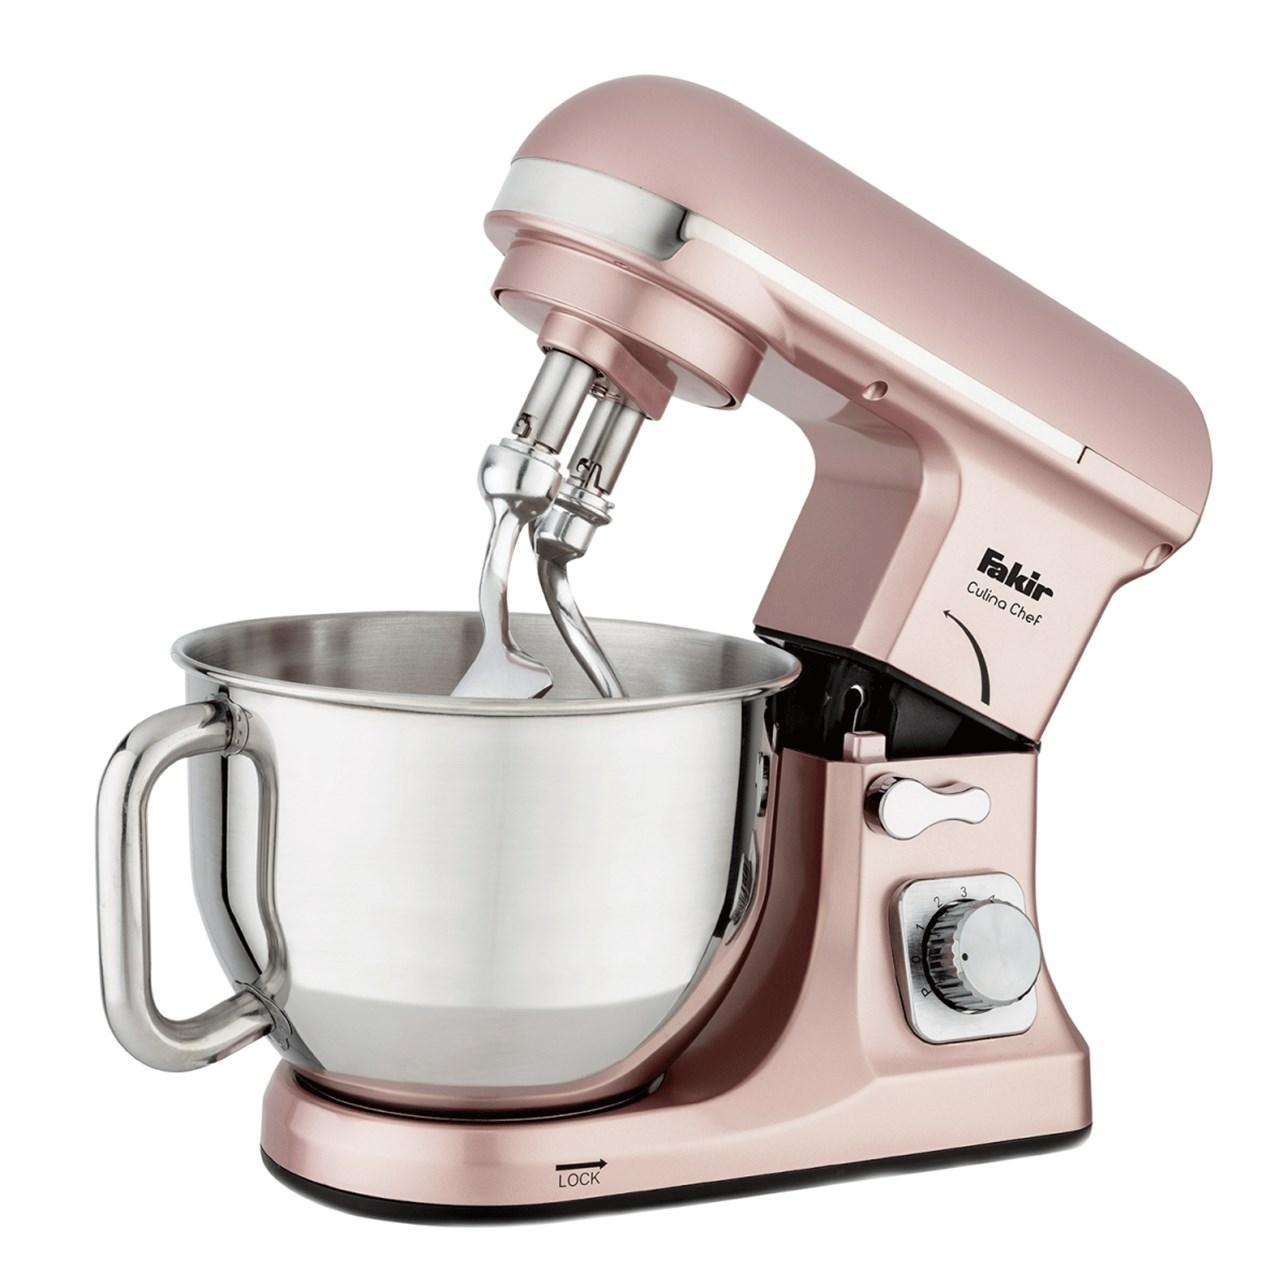 სამზარეულოს კომბაინი FAKIR CULINA CHEF STAND MIKSER-ROSIE